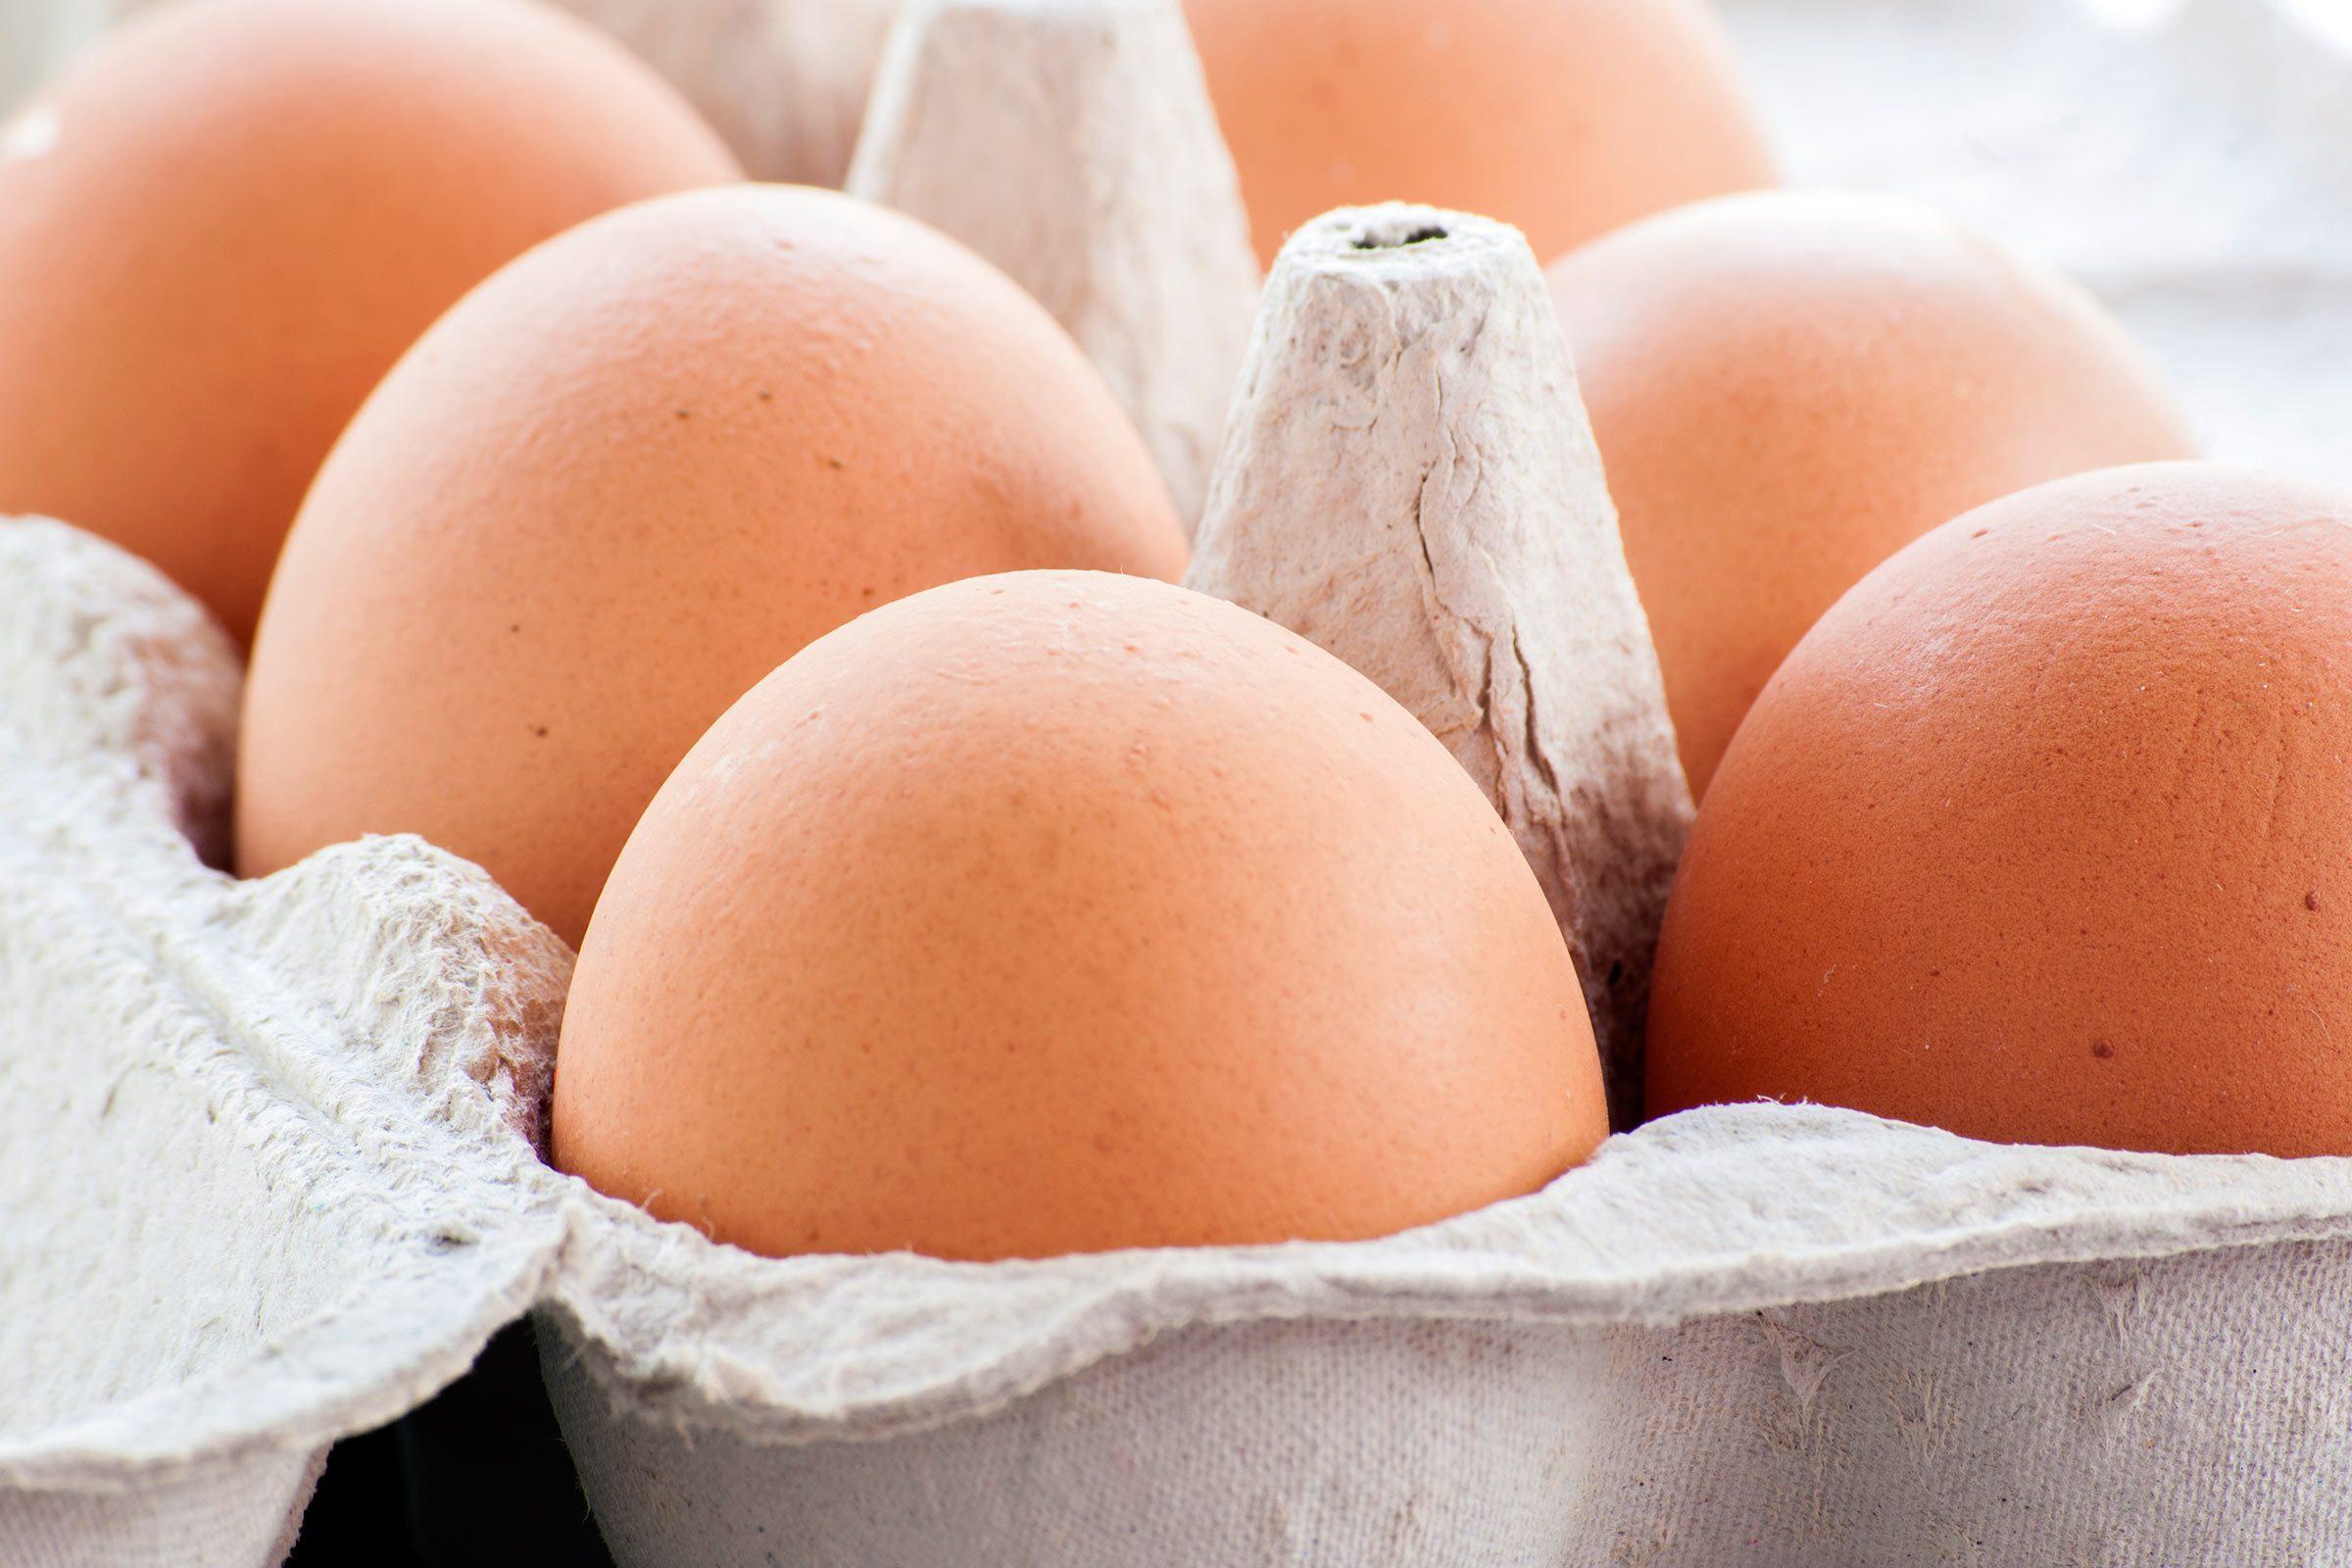 15. Oiled Eggs